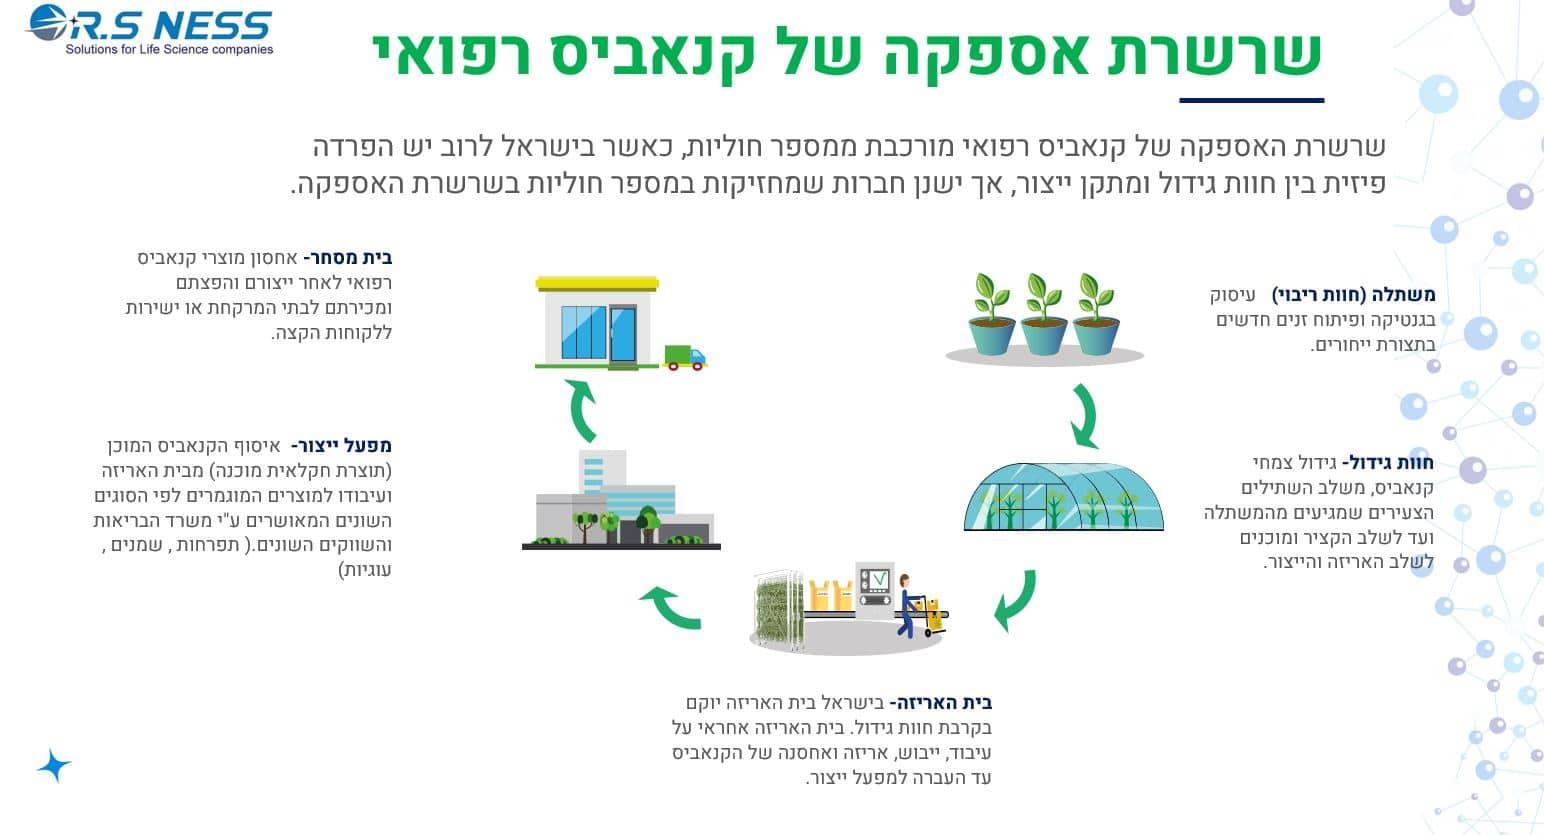 הקמת מפעל וחווה קנאביס רפואי